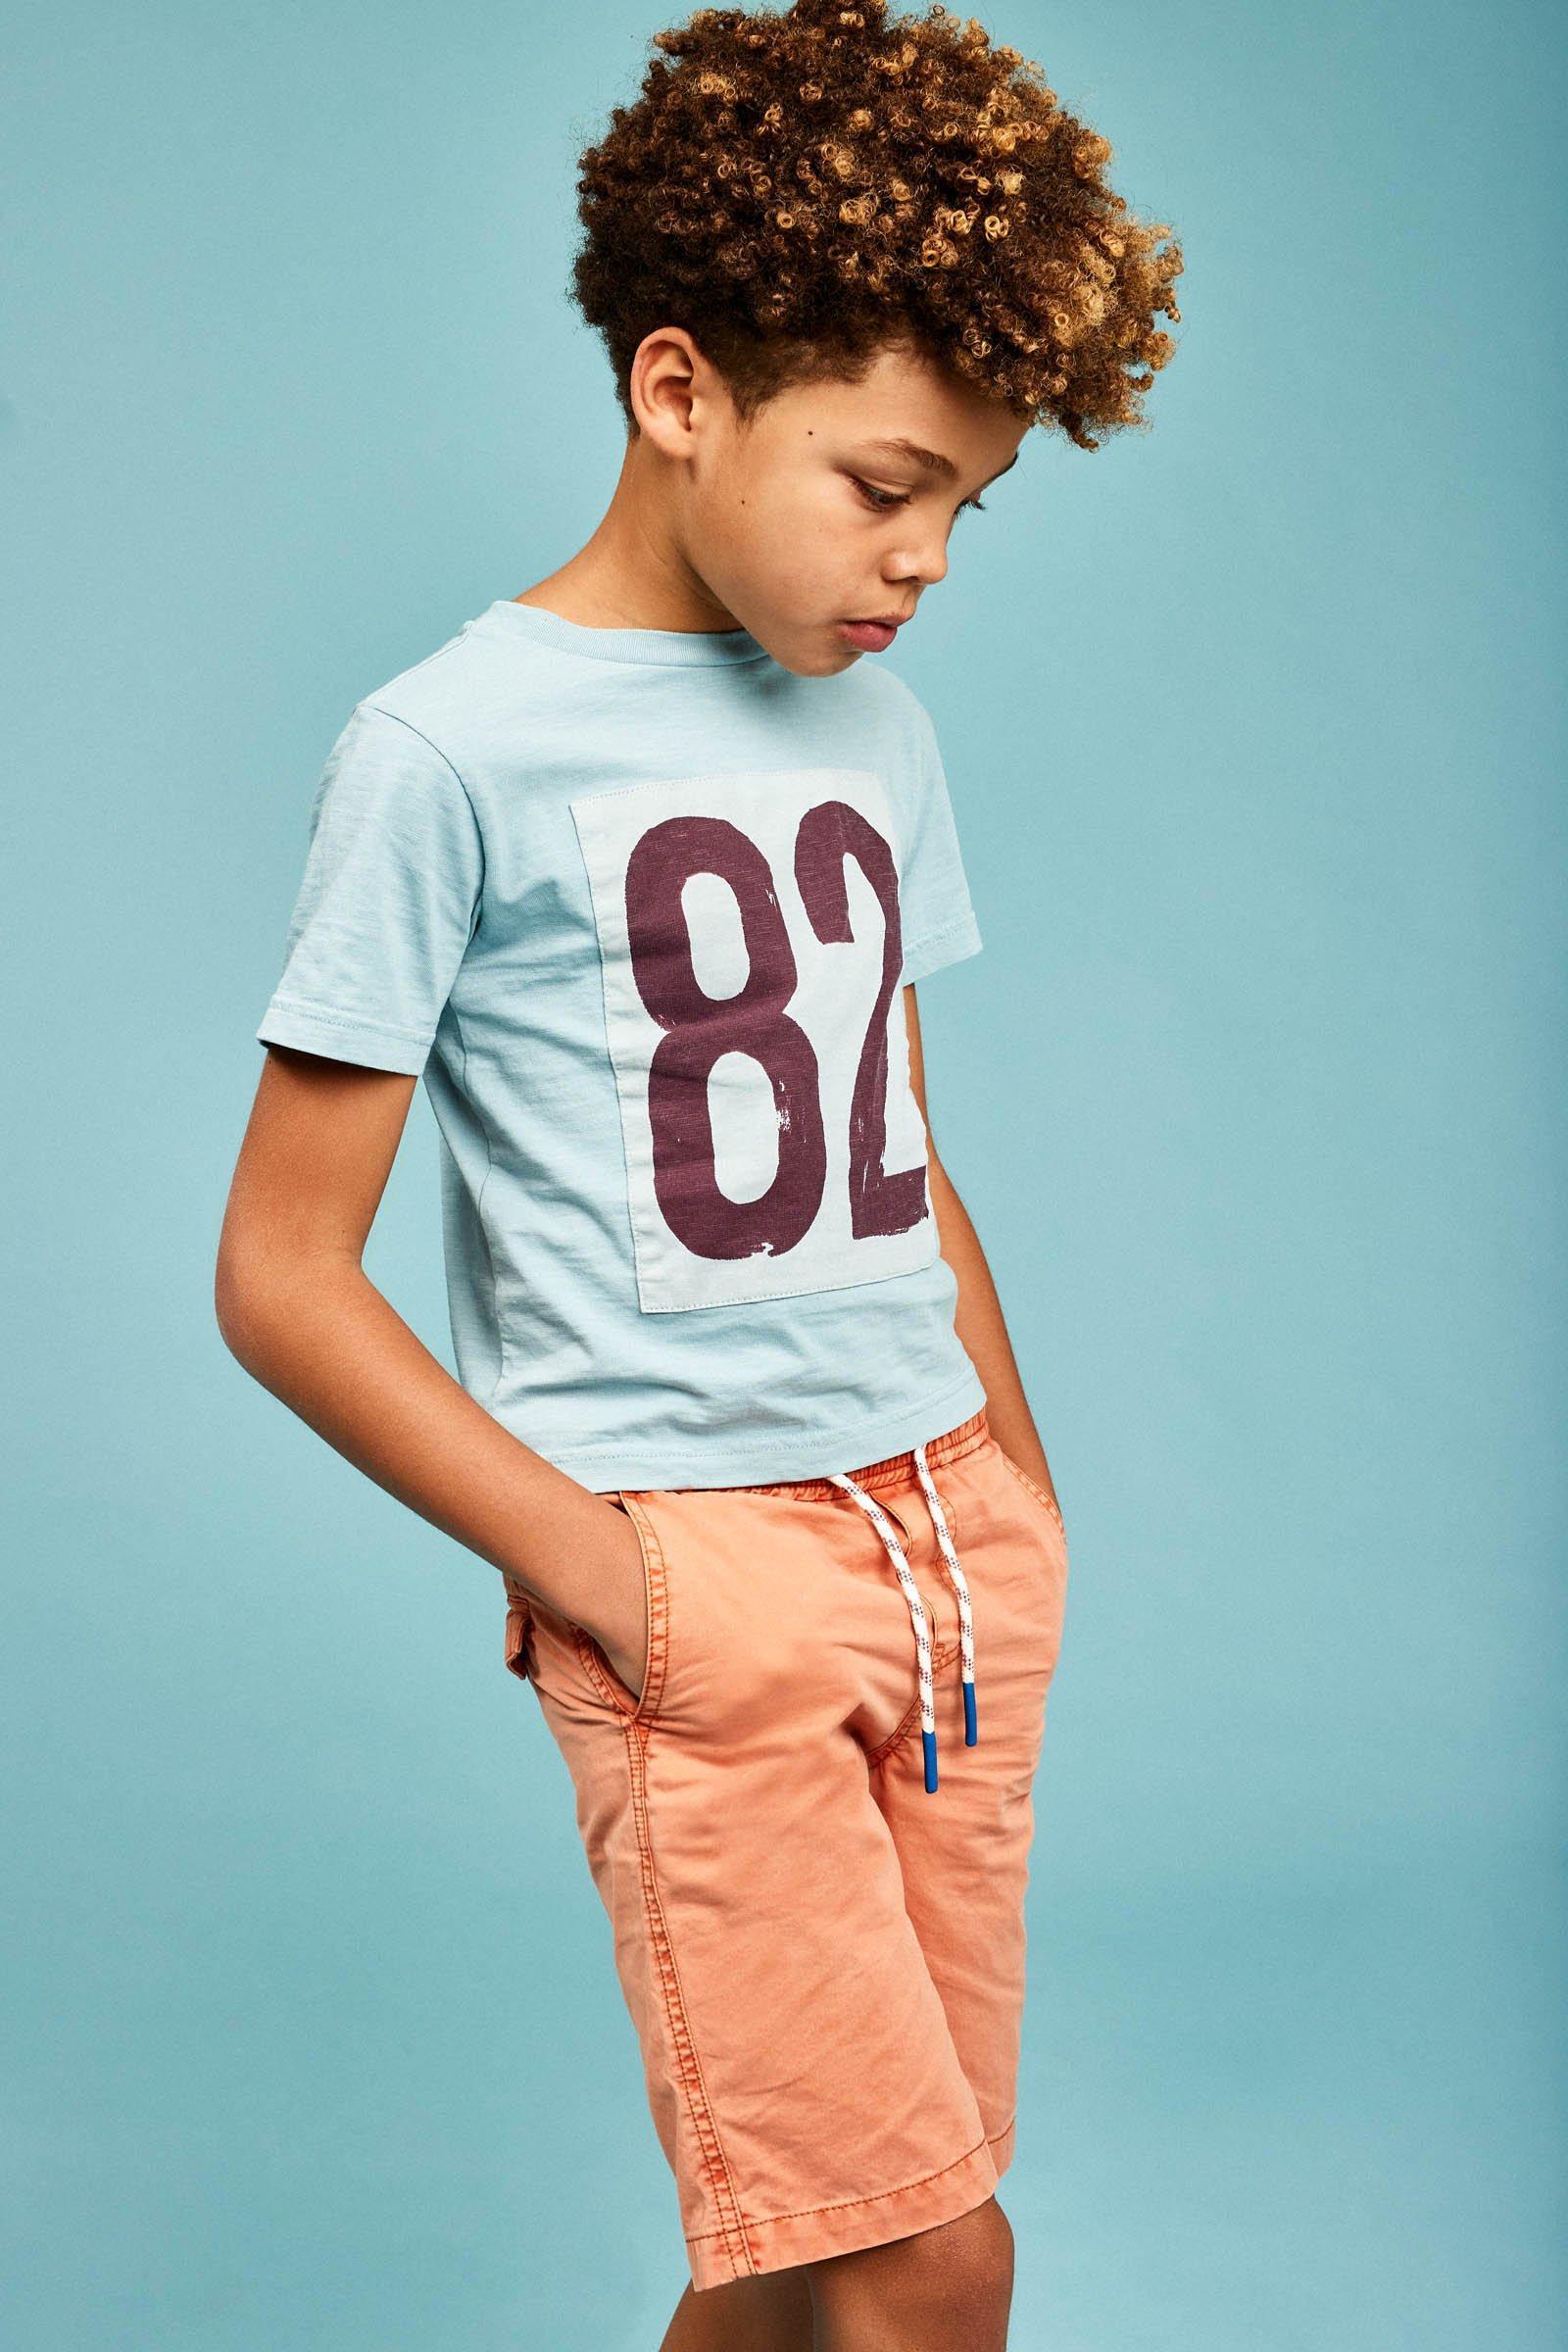 CKS Kids - YURGEN - t-shirt korte mouwen - meerkleurig